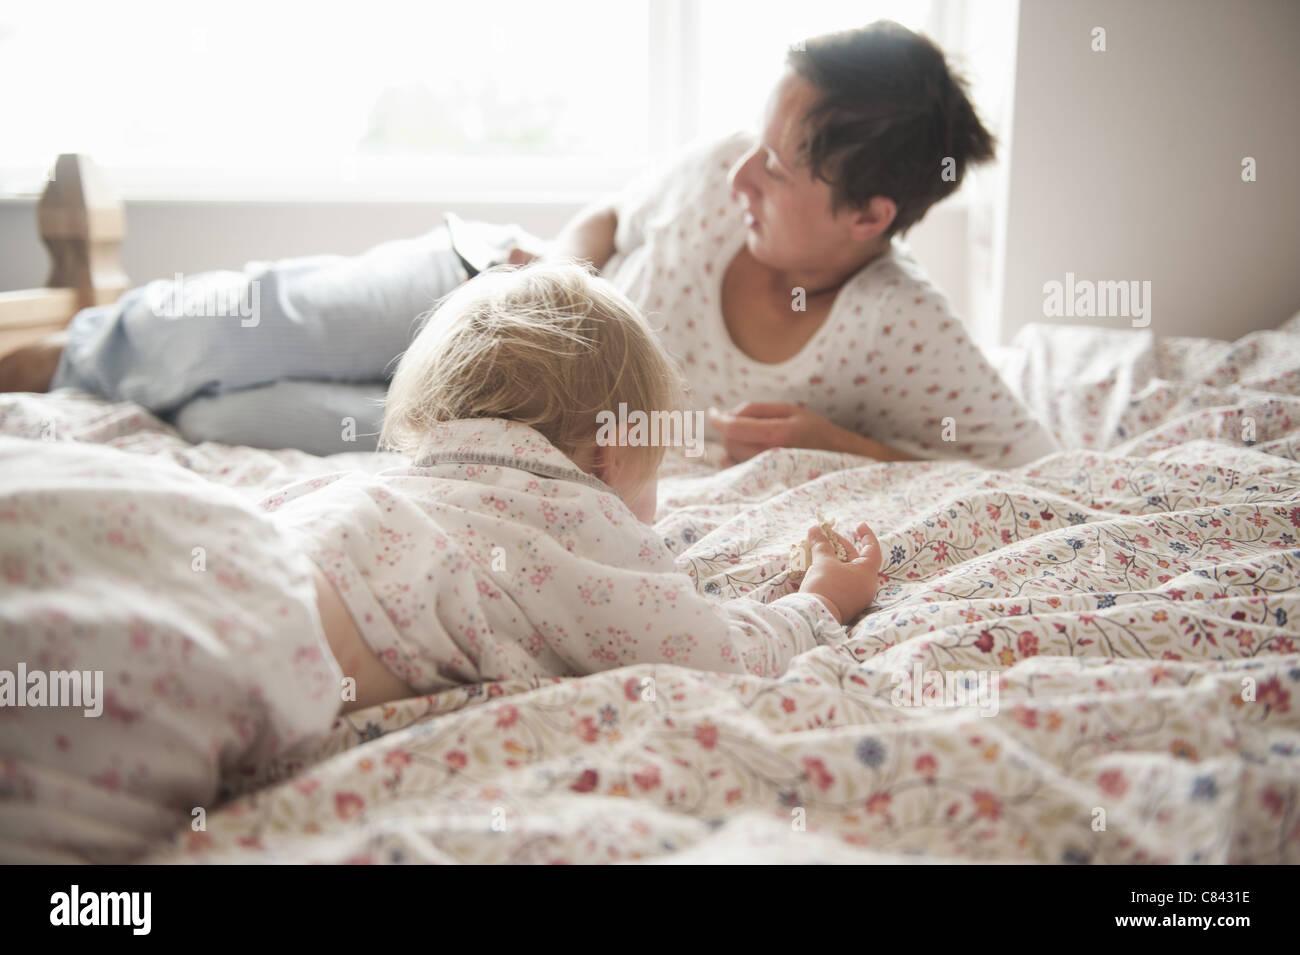 Kleinkind Mädchen mit Mutter im Bett sitzen Stockfoto